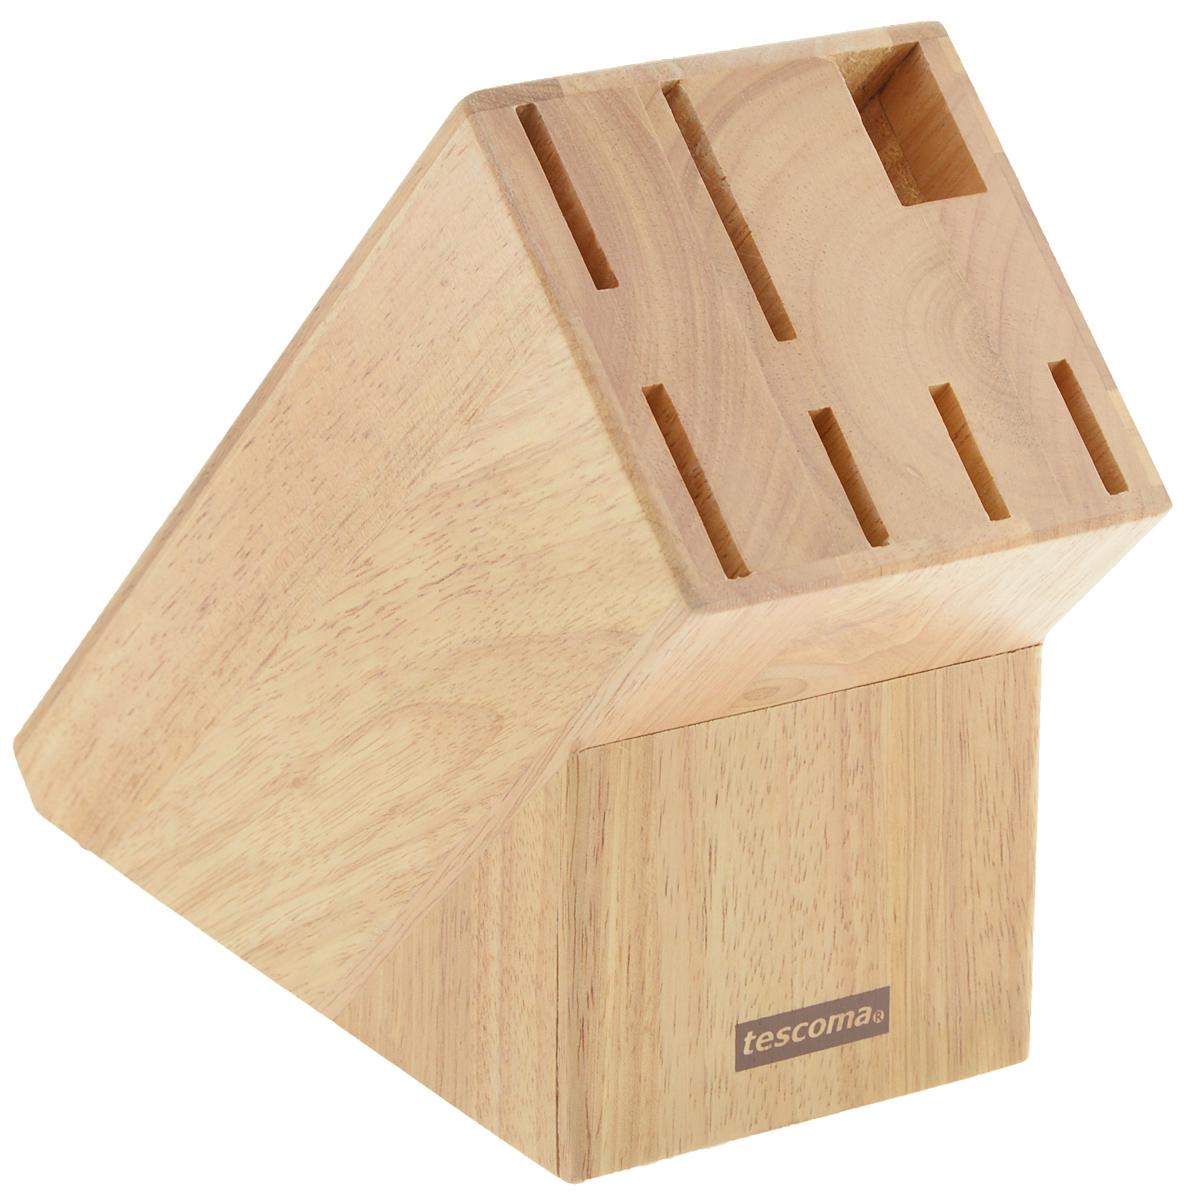 Блок для ножей Tescoma Woody. 869506869506Блок Tescoma Woody, изготовленный из специальной благородной древесины - каучука бразильского, обеспечивает безопасное хранение ножей. Блок имеет 6 отверстий для ножей и 1 отверстие для ножниц или точилки. Изделие оснащено противоскользящими резиновыми накладками. Нельзя мыть в посудомоечной машине.